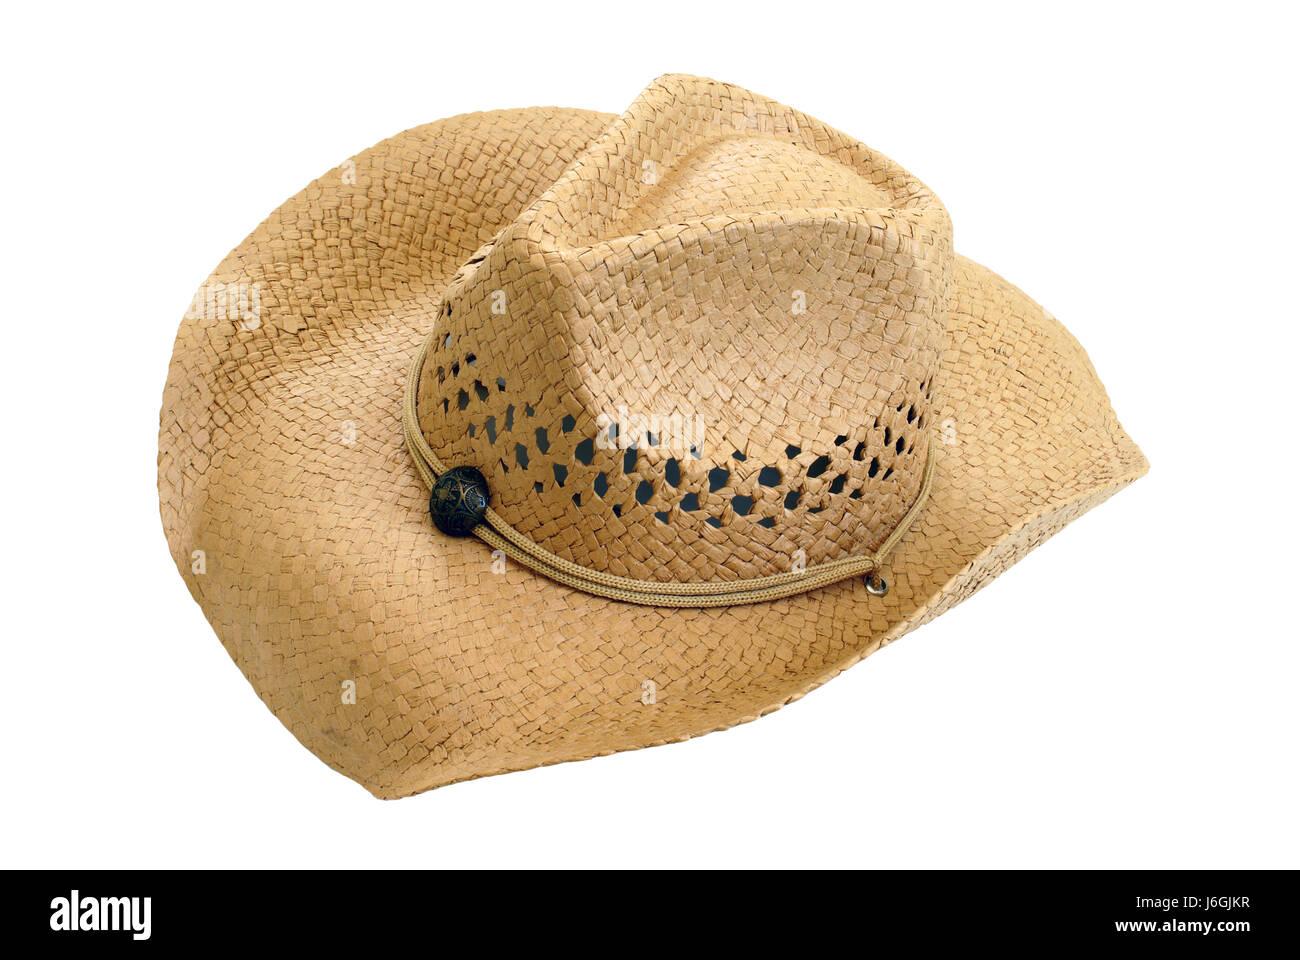 62bd26435 hat cowboy farmer western object single isolated fashion american ...